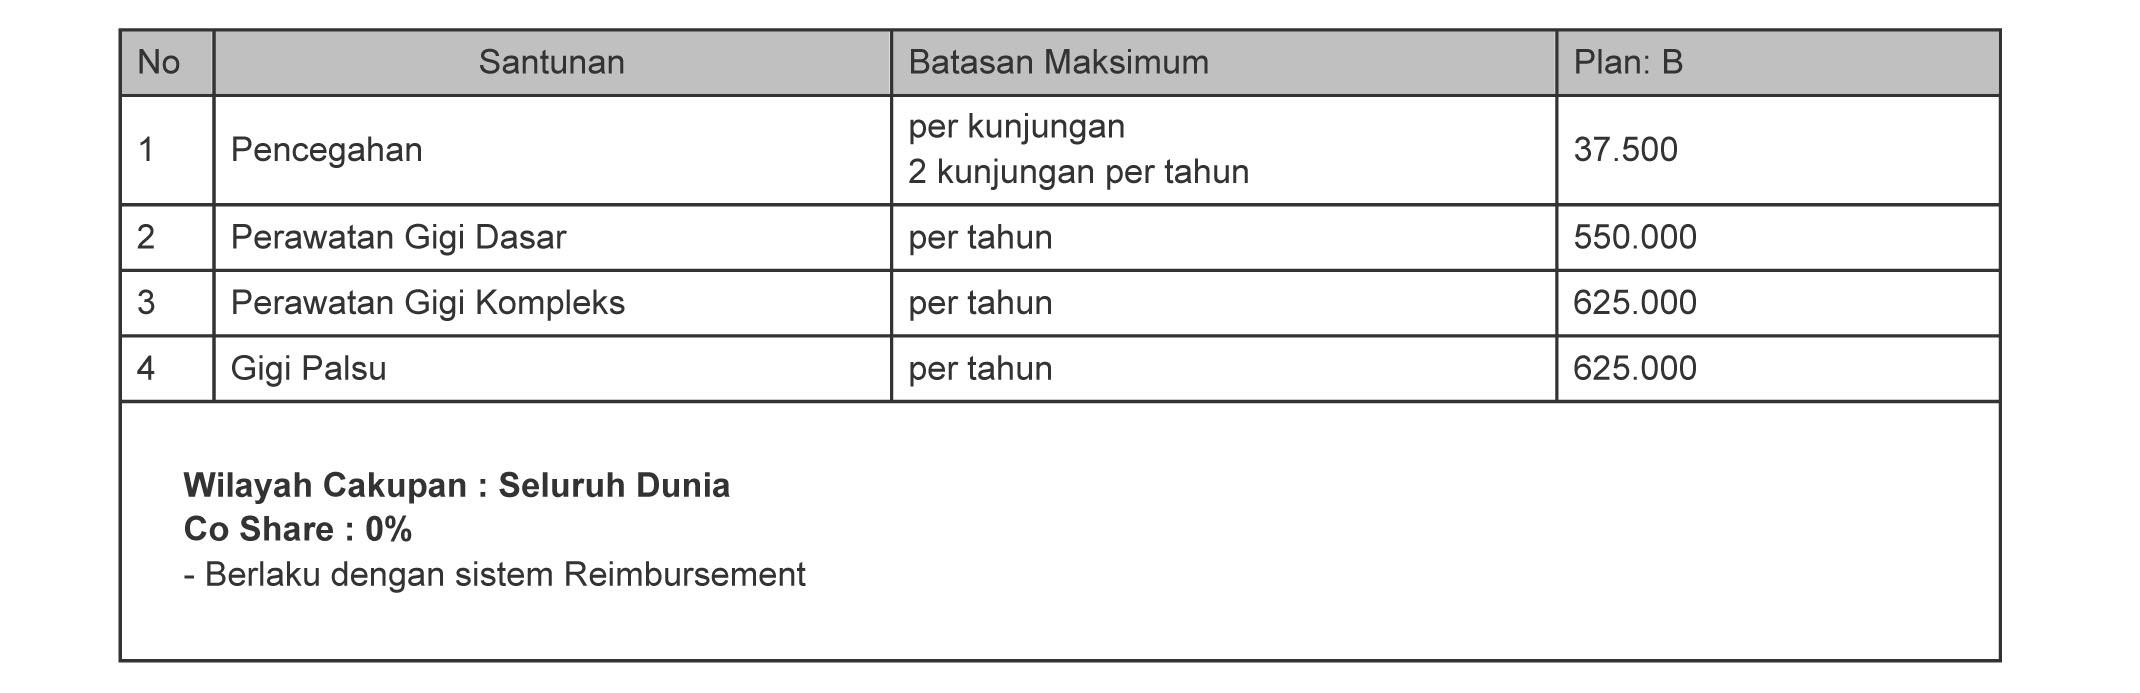 Tabel Manfaat Asuransi Rawat Gigi Smarthealth Maxi Violet atau Allisya Care Plan B